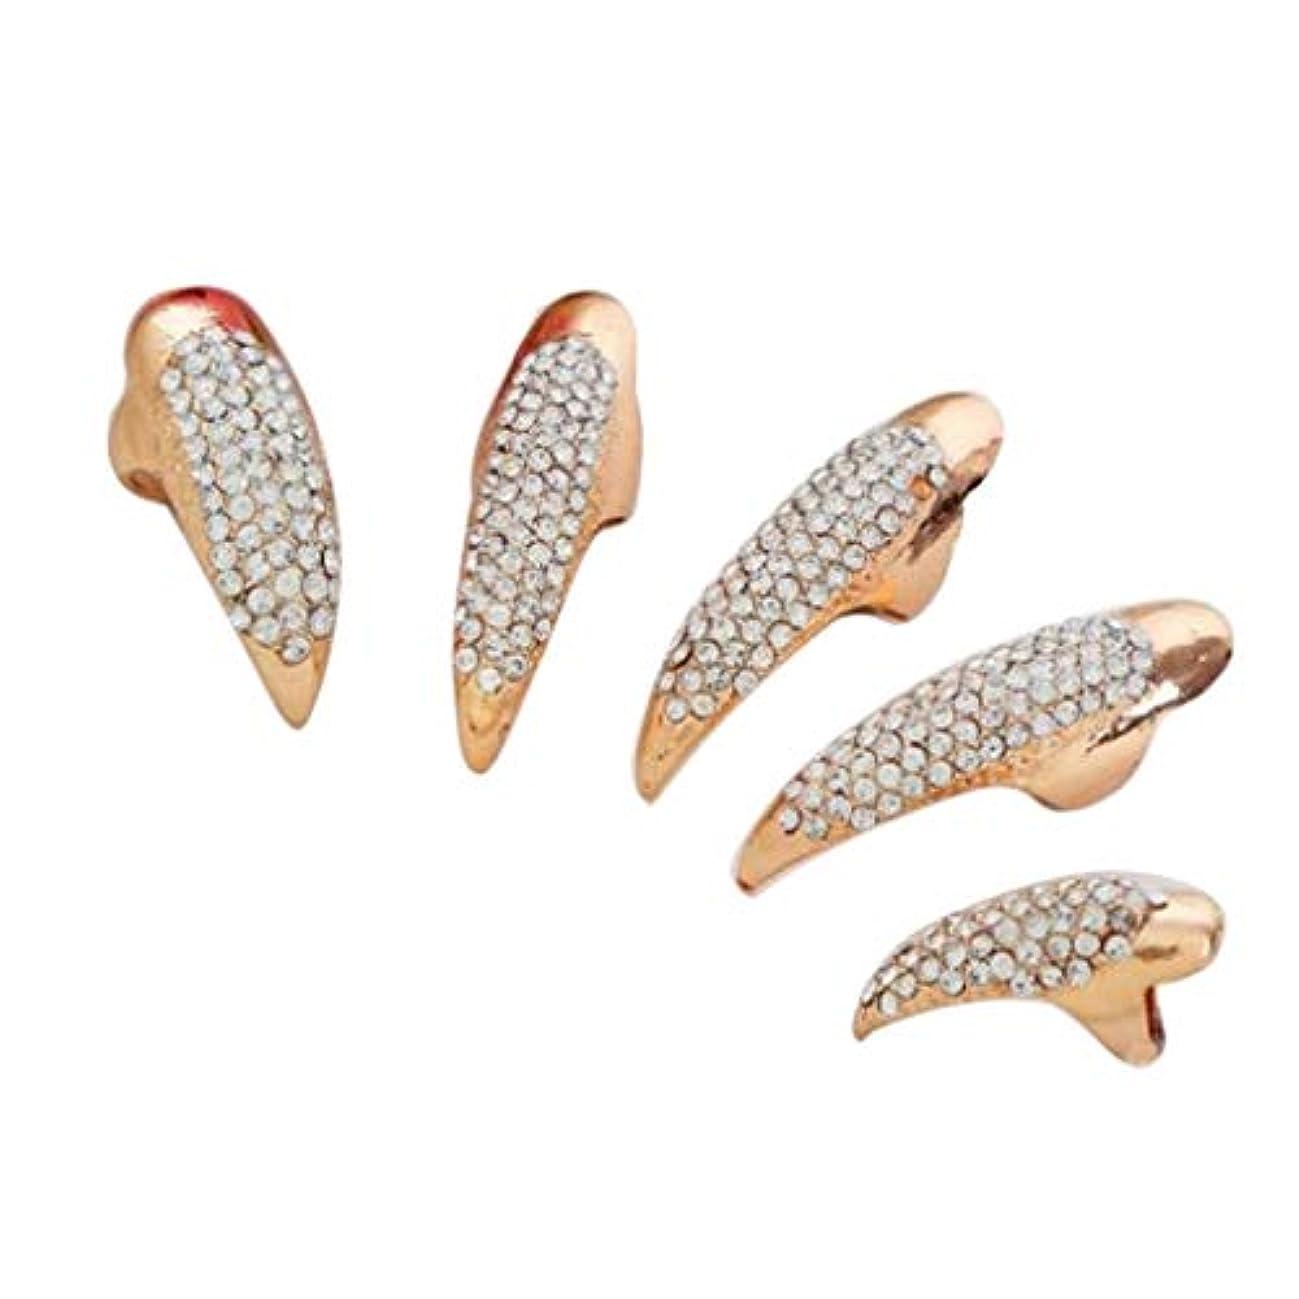 カウンターパート置き場会うSharplace 爪リング ネイルチップ ネイルアート 人工の爪 曲げ爪 コスプレ パーティー 2色選べ - ゴールデン